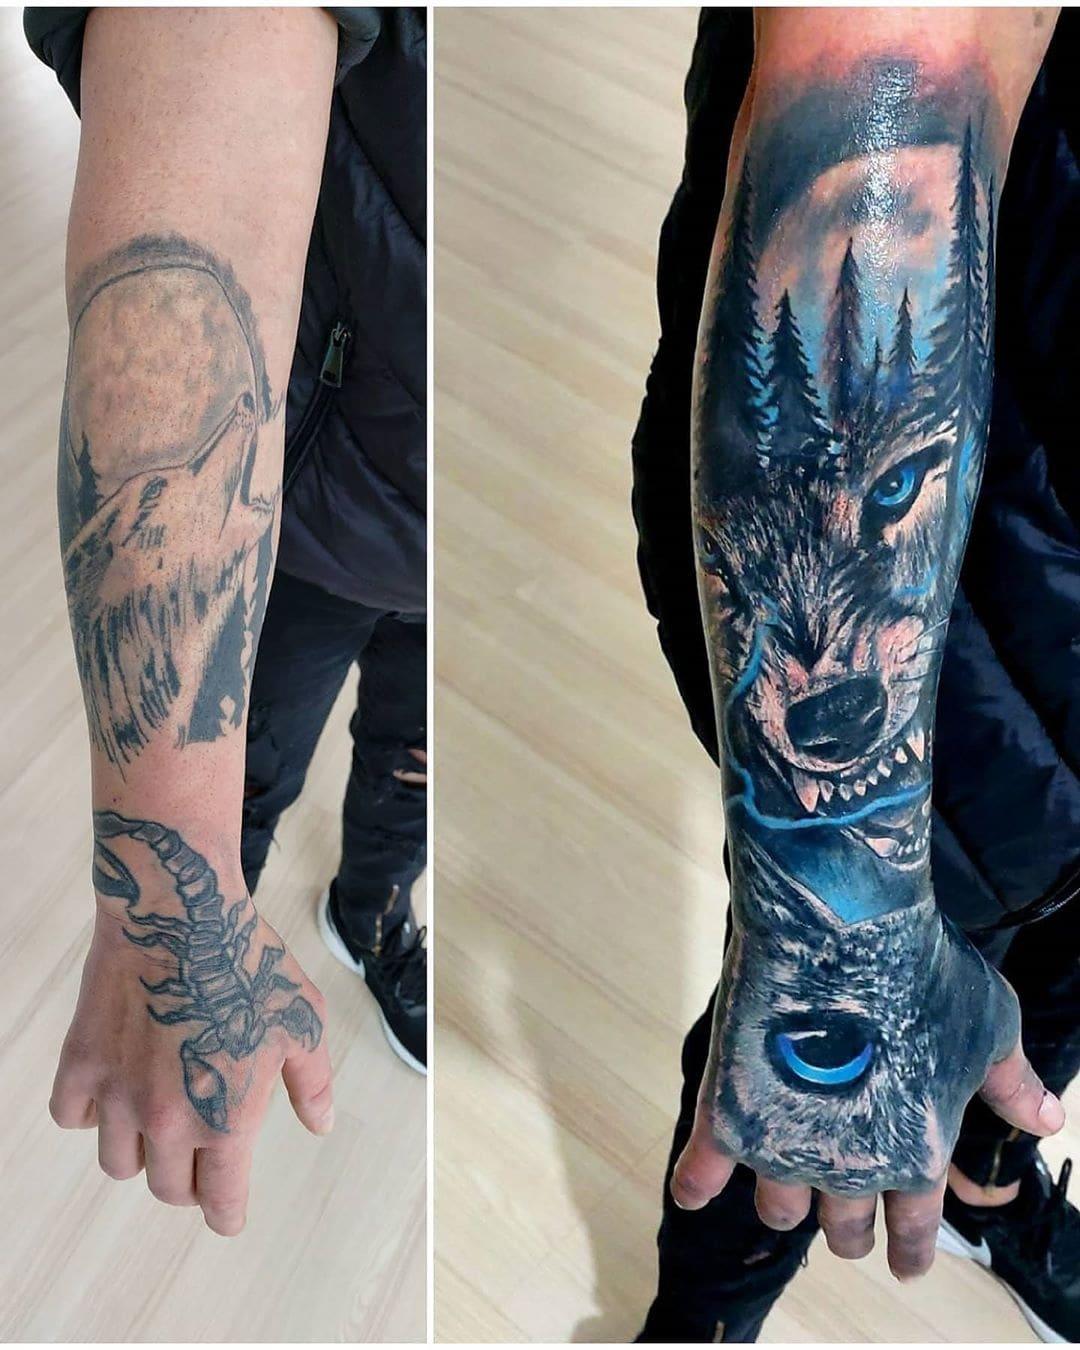 20 примеров работы тату-мастеров, которые попытались переделать «партаки» в крутые татуировки